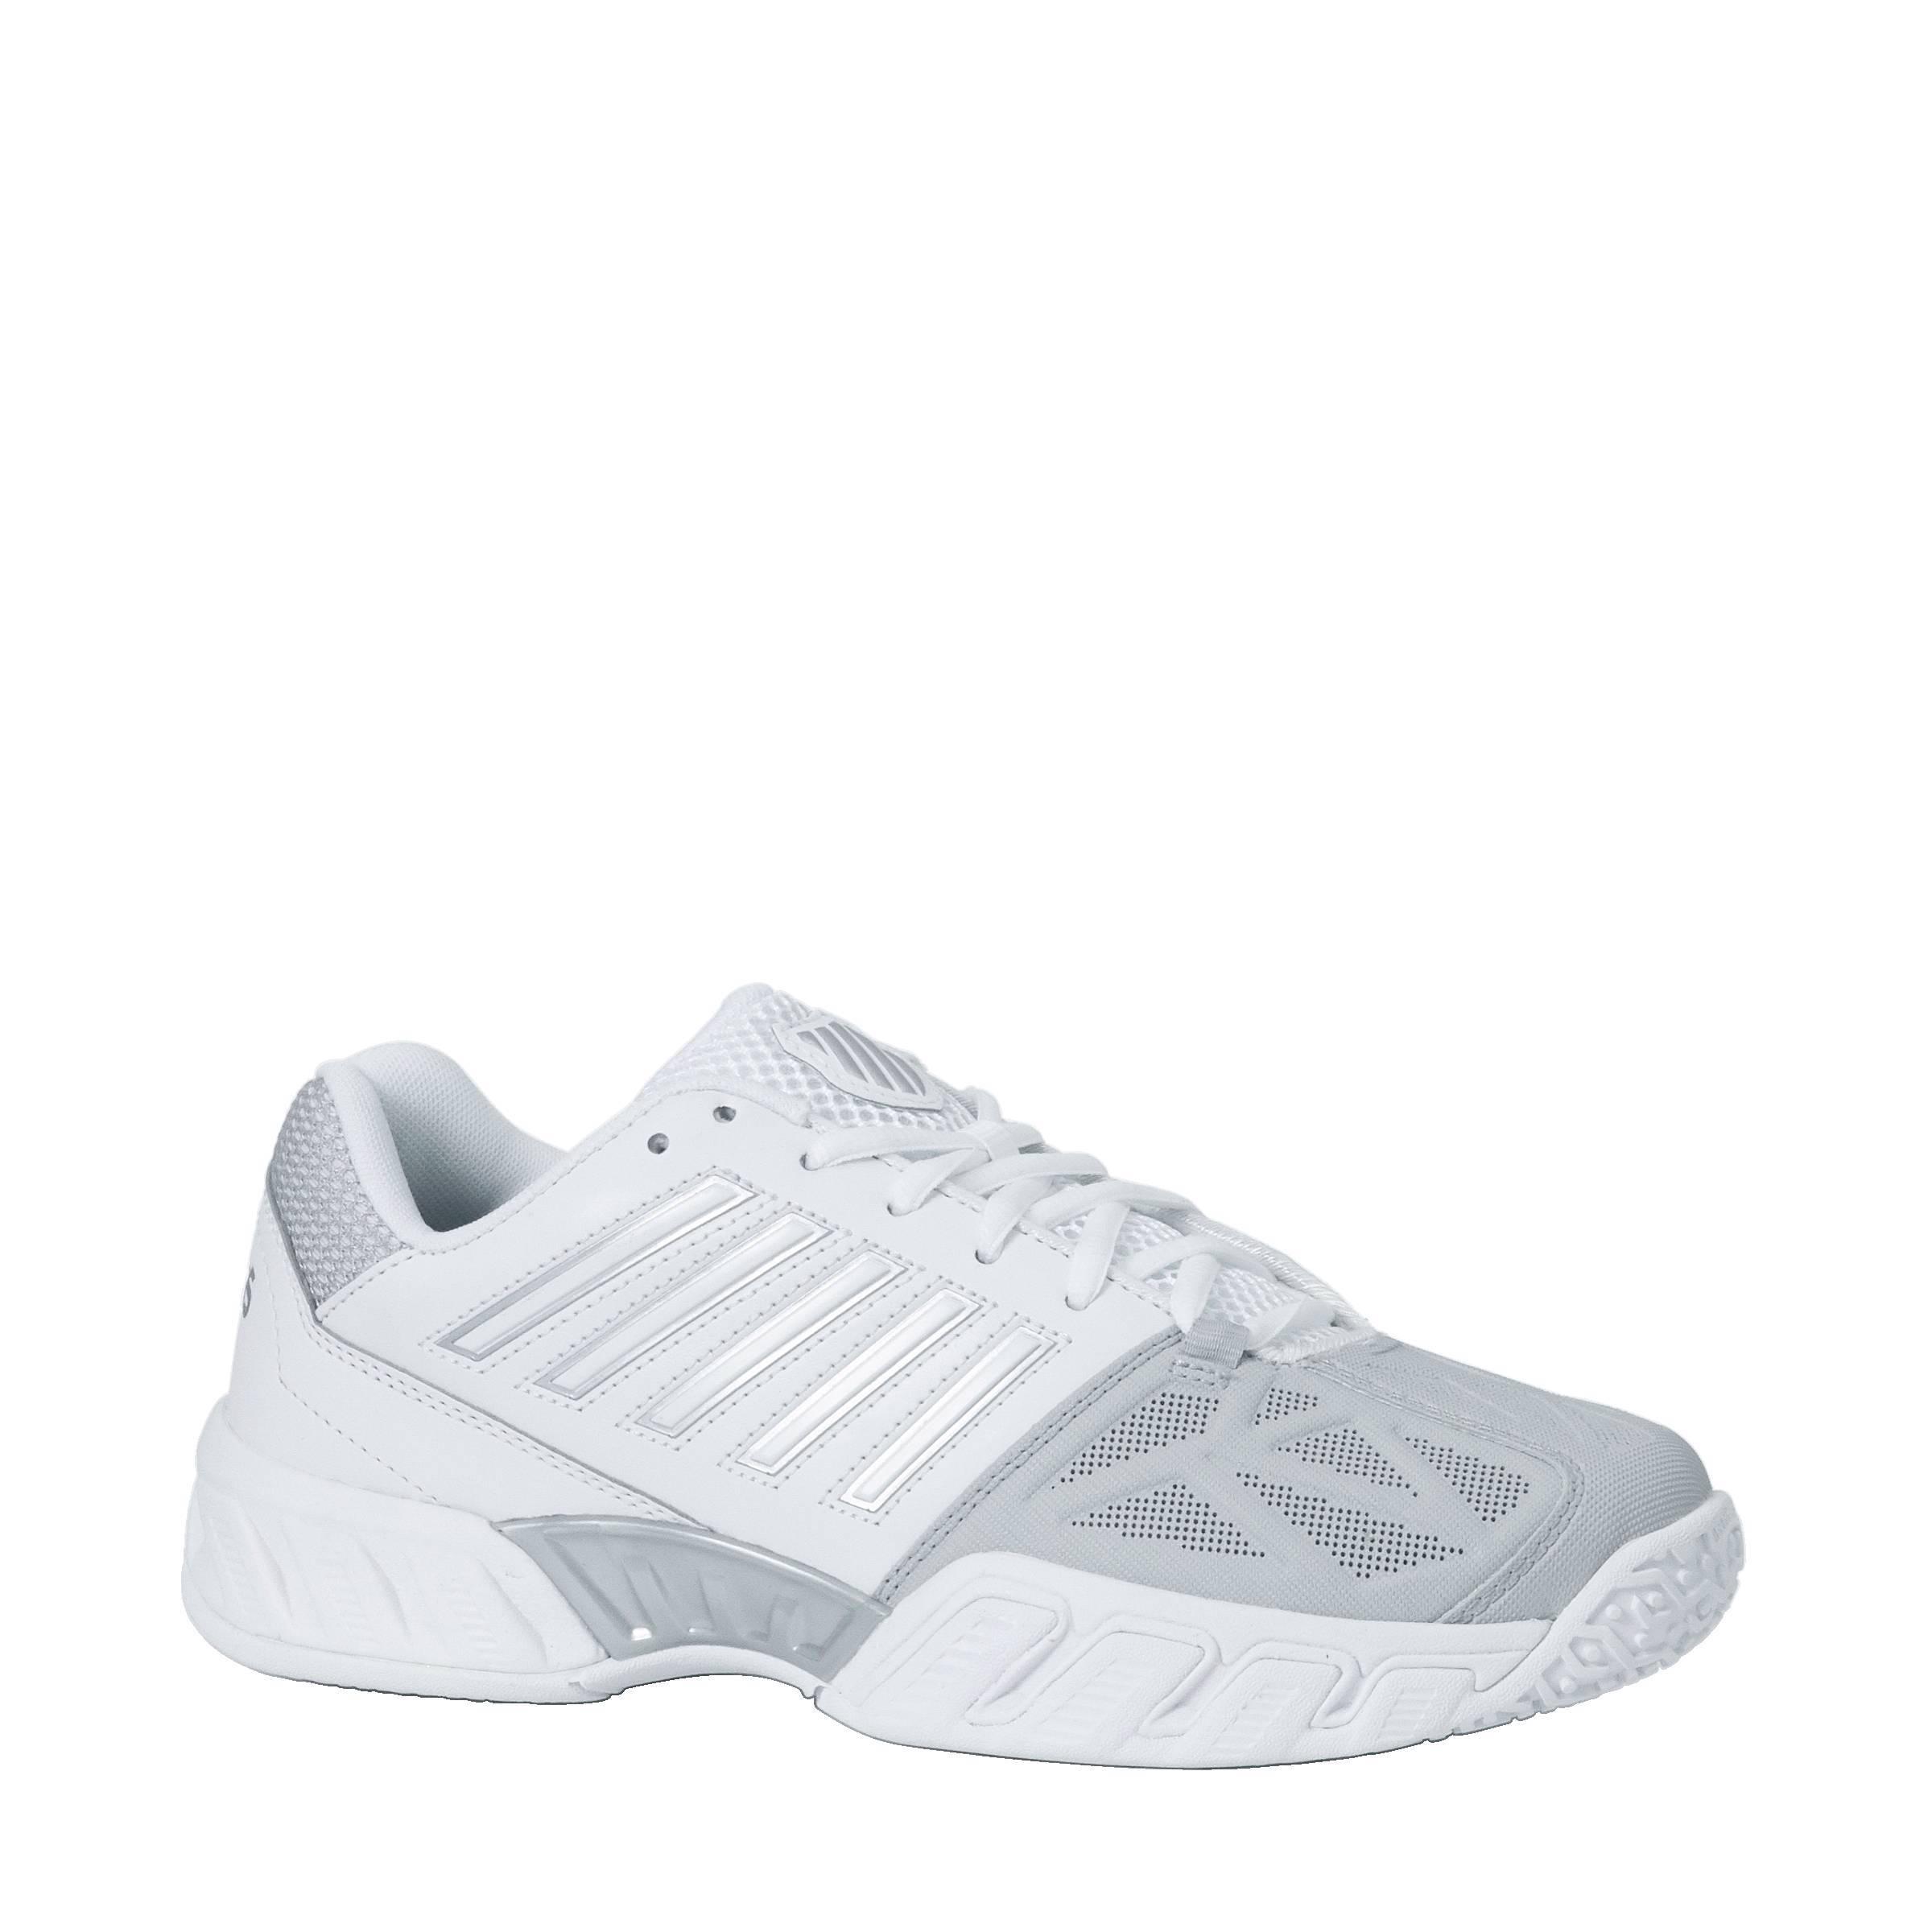 K-suisse - Lumière Bigshot Omni Trois Chaussures De Tennis - Femmes - Chaussures - Blanc - 40 Xm2f4